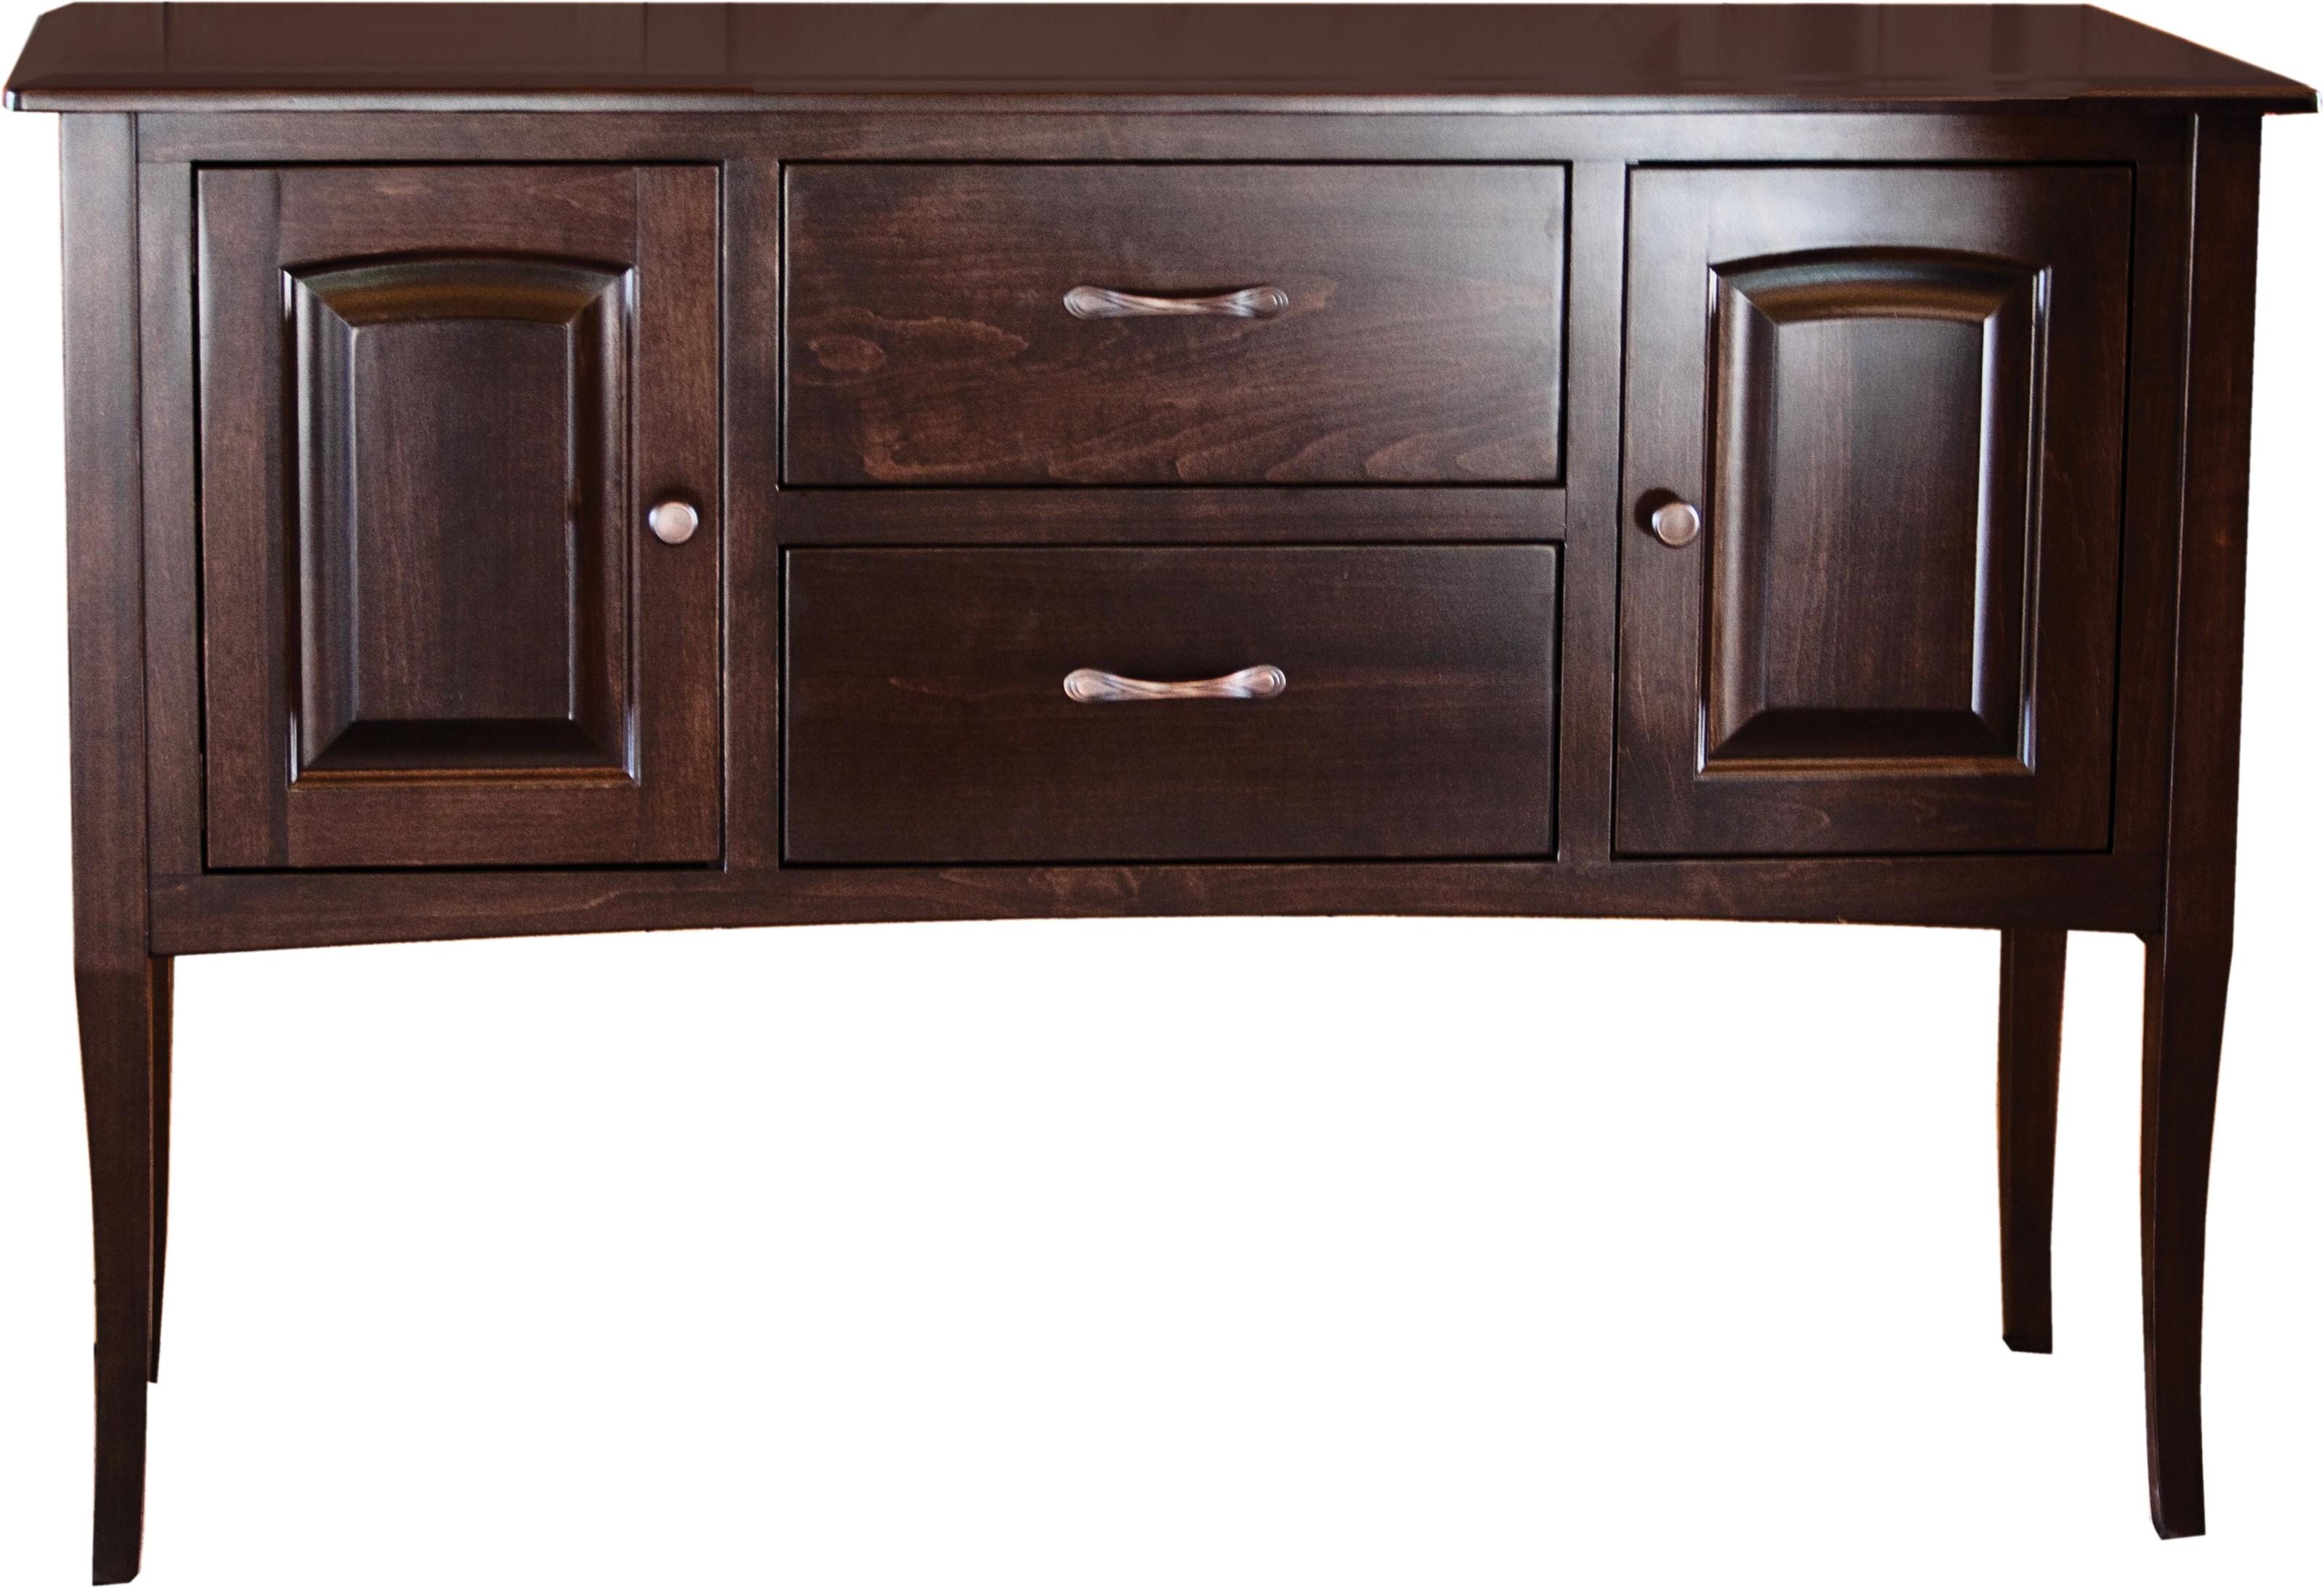 Rhapsody Belair Sideboard by Oakwood Industries at Crowley Furniture & Mattress